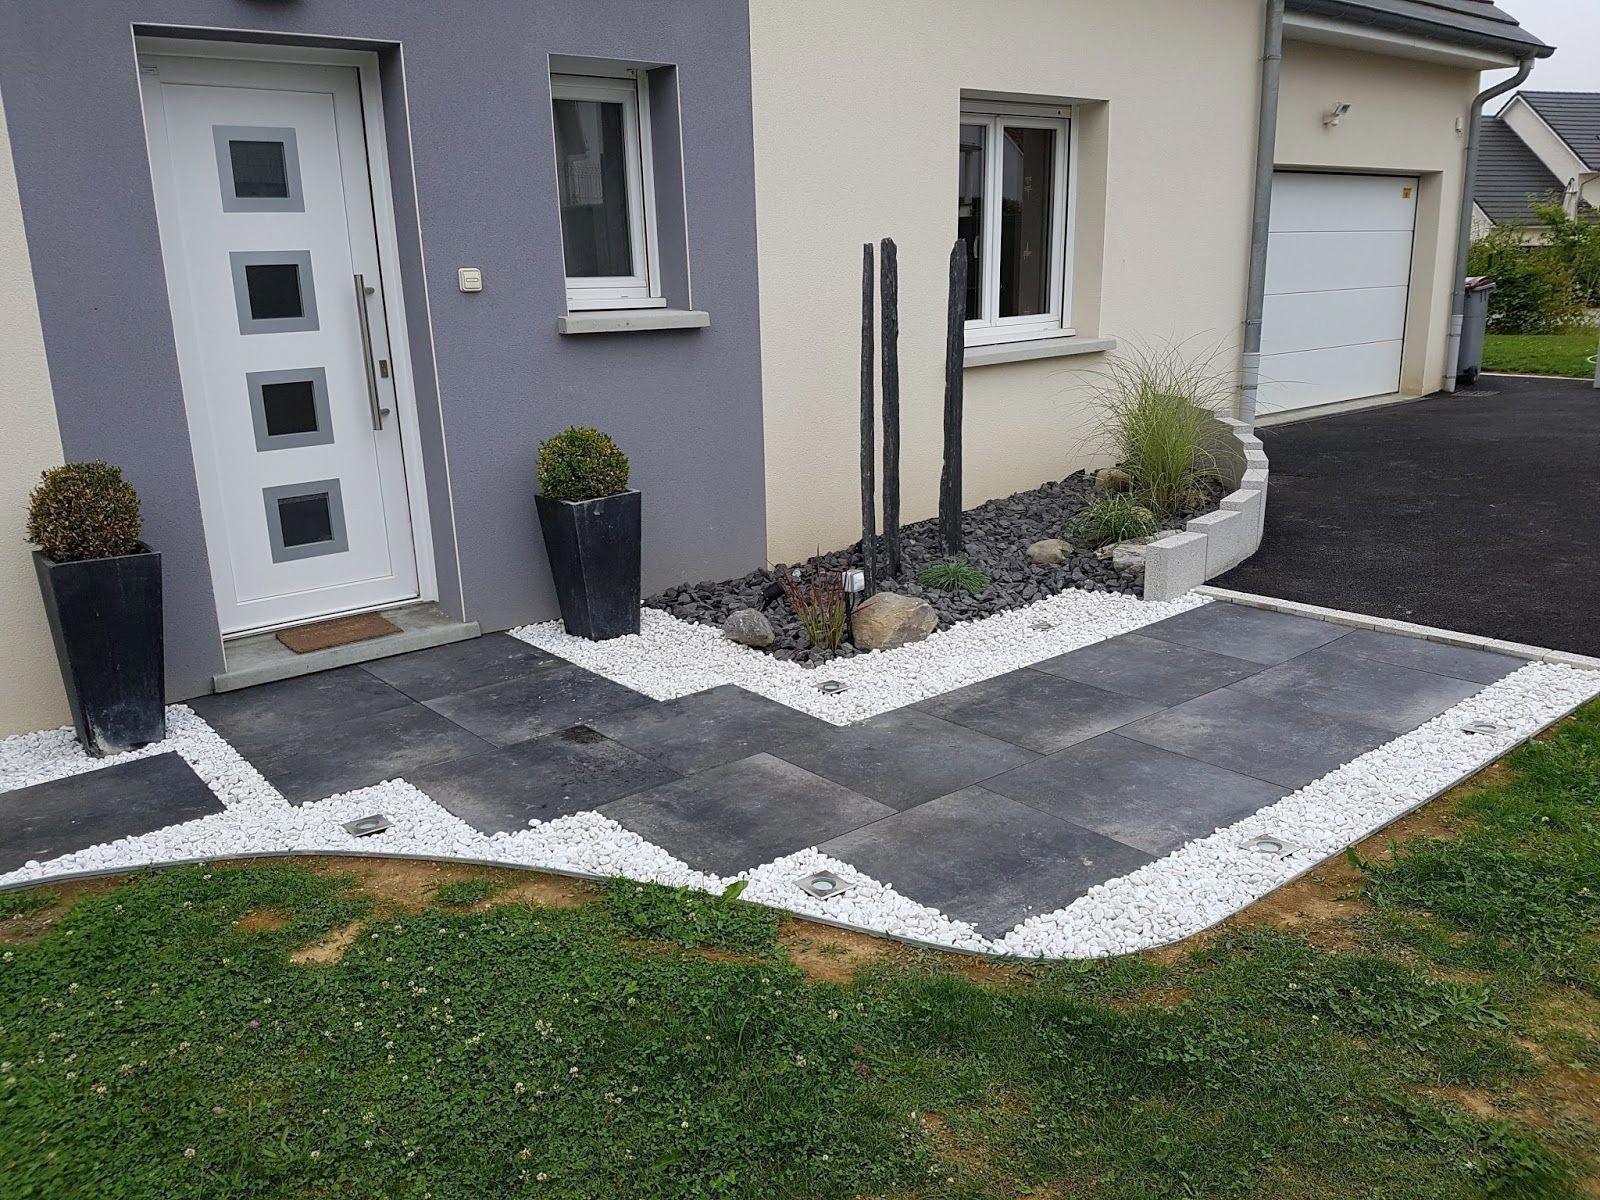 Entreprise Amenagement Exterieur Moselle entrée dalles graviers (allée, galets) | aménagement jardin